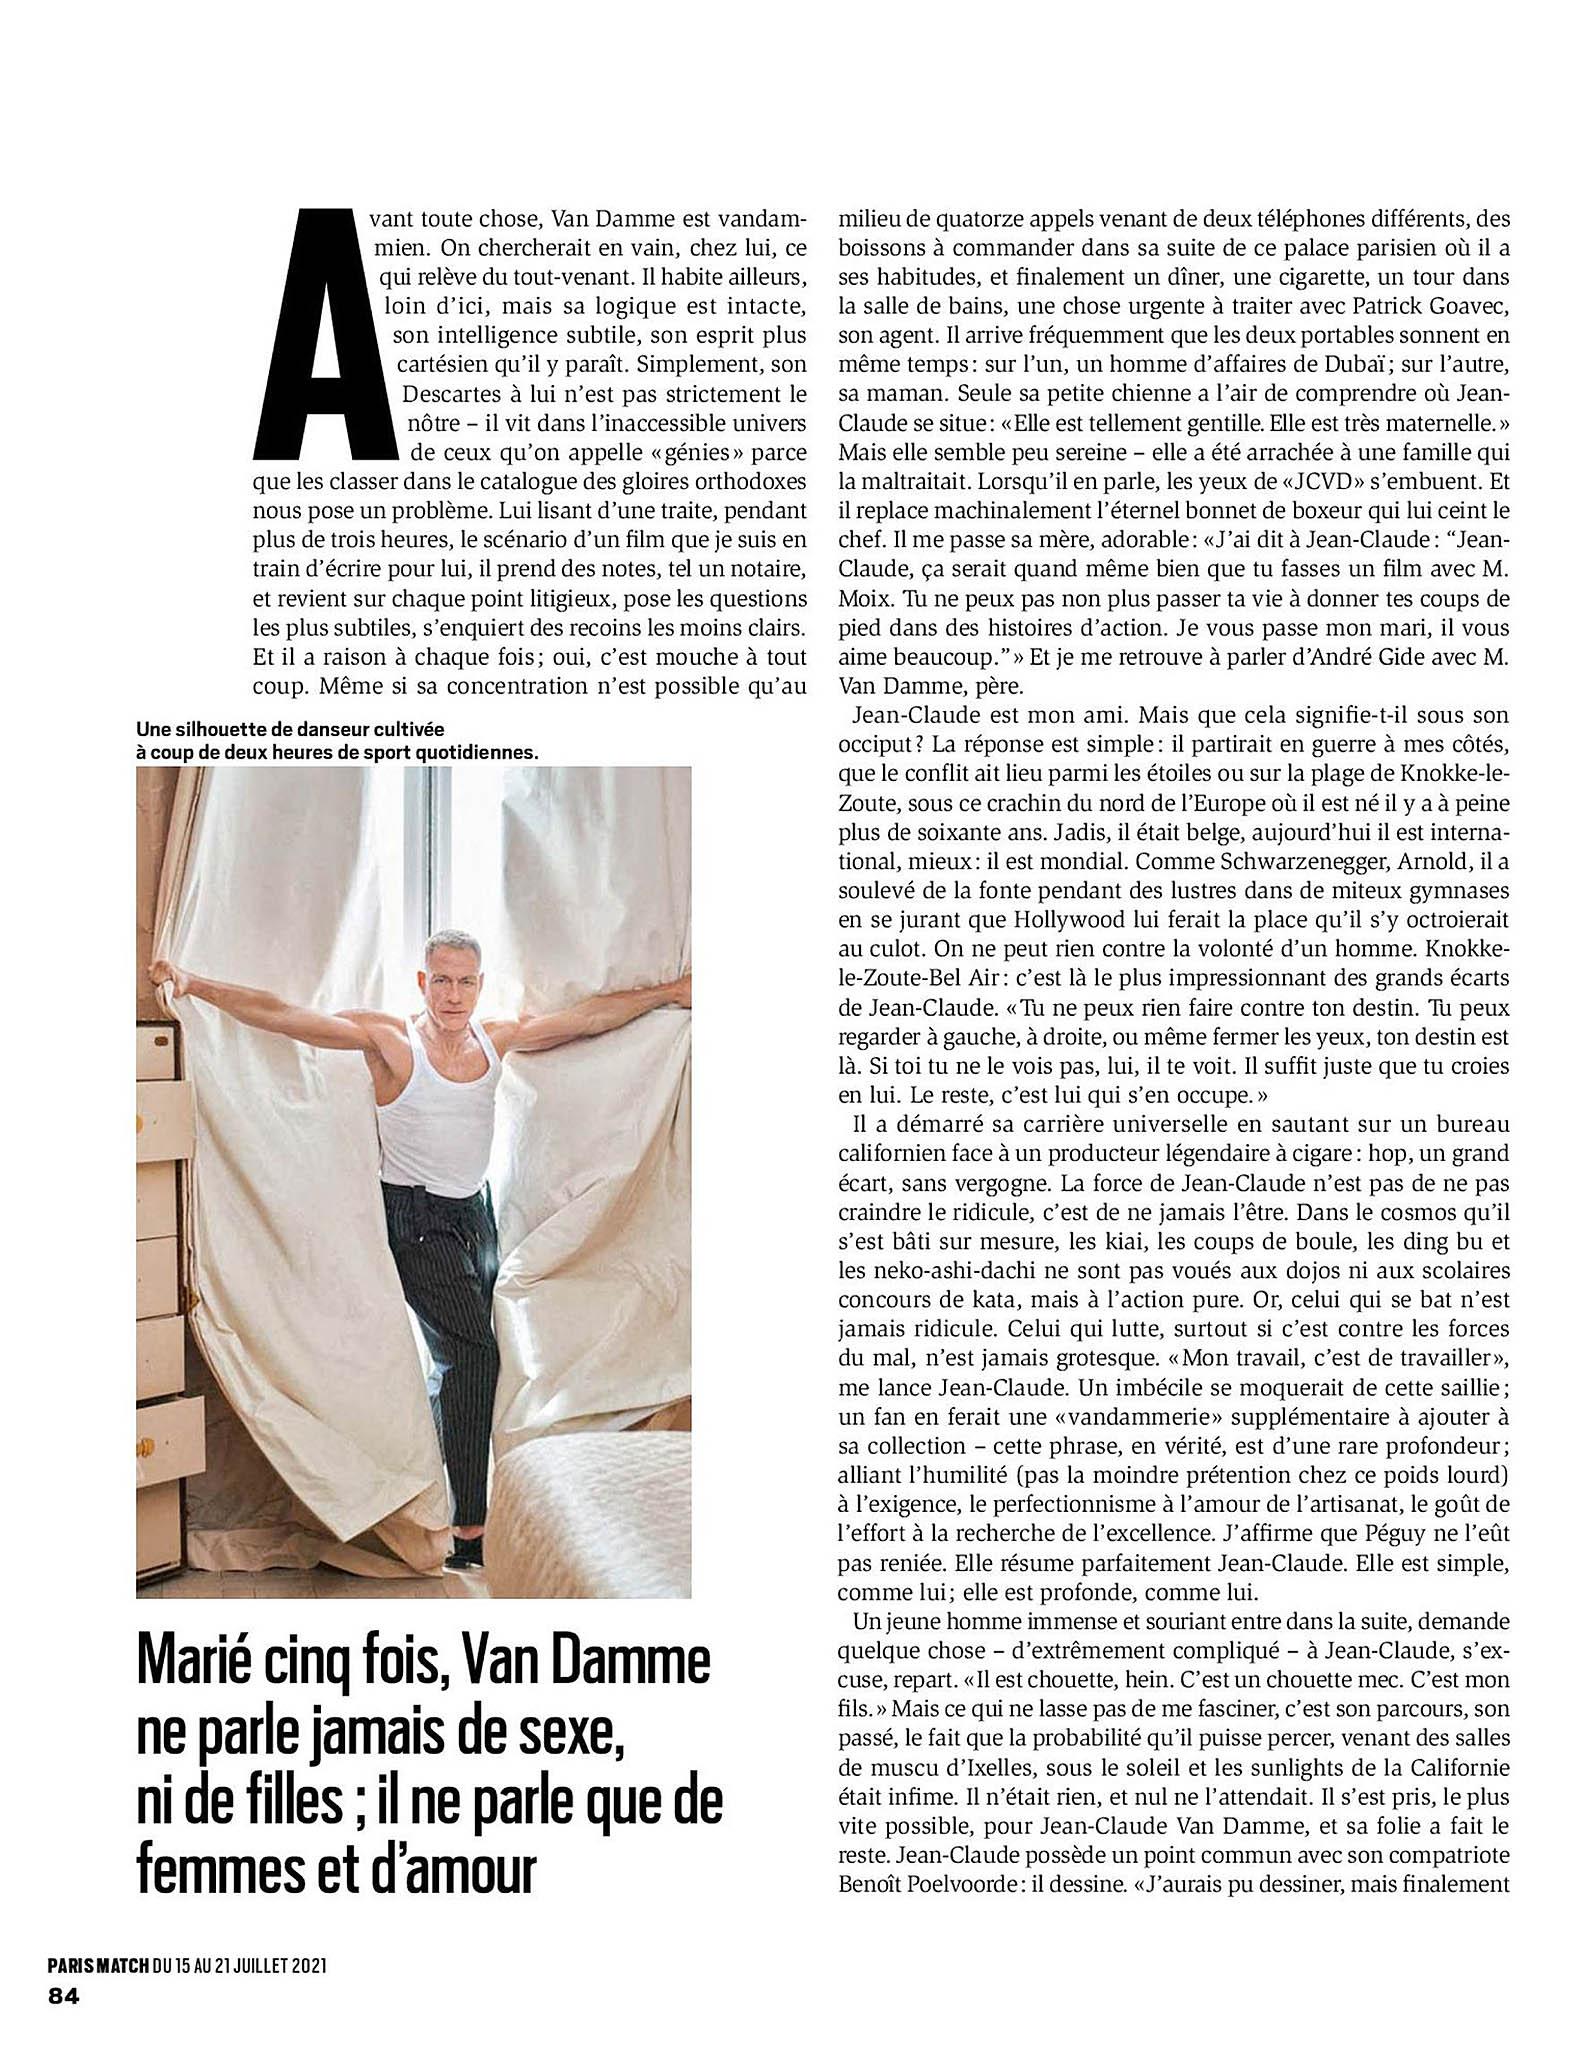 Paris Match 210715 Van Damme 04.jpg